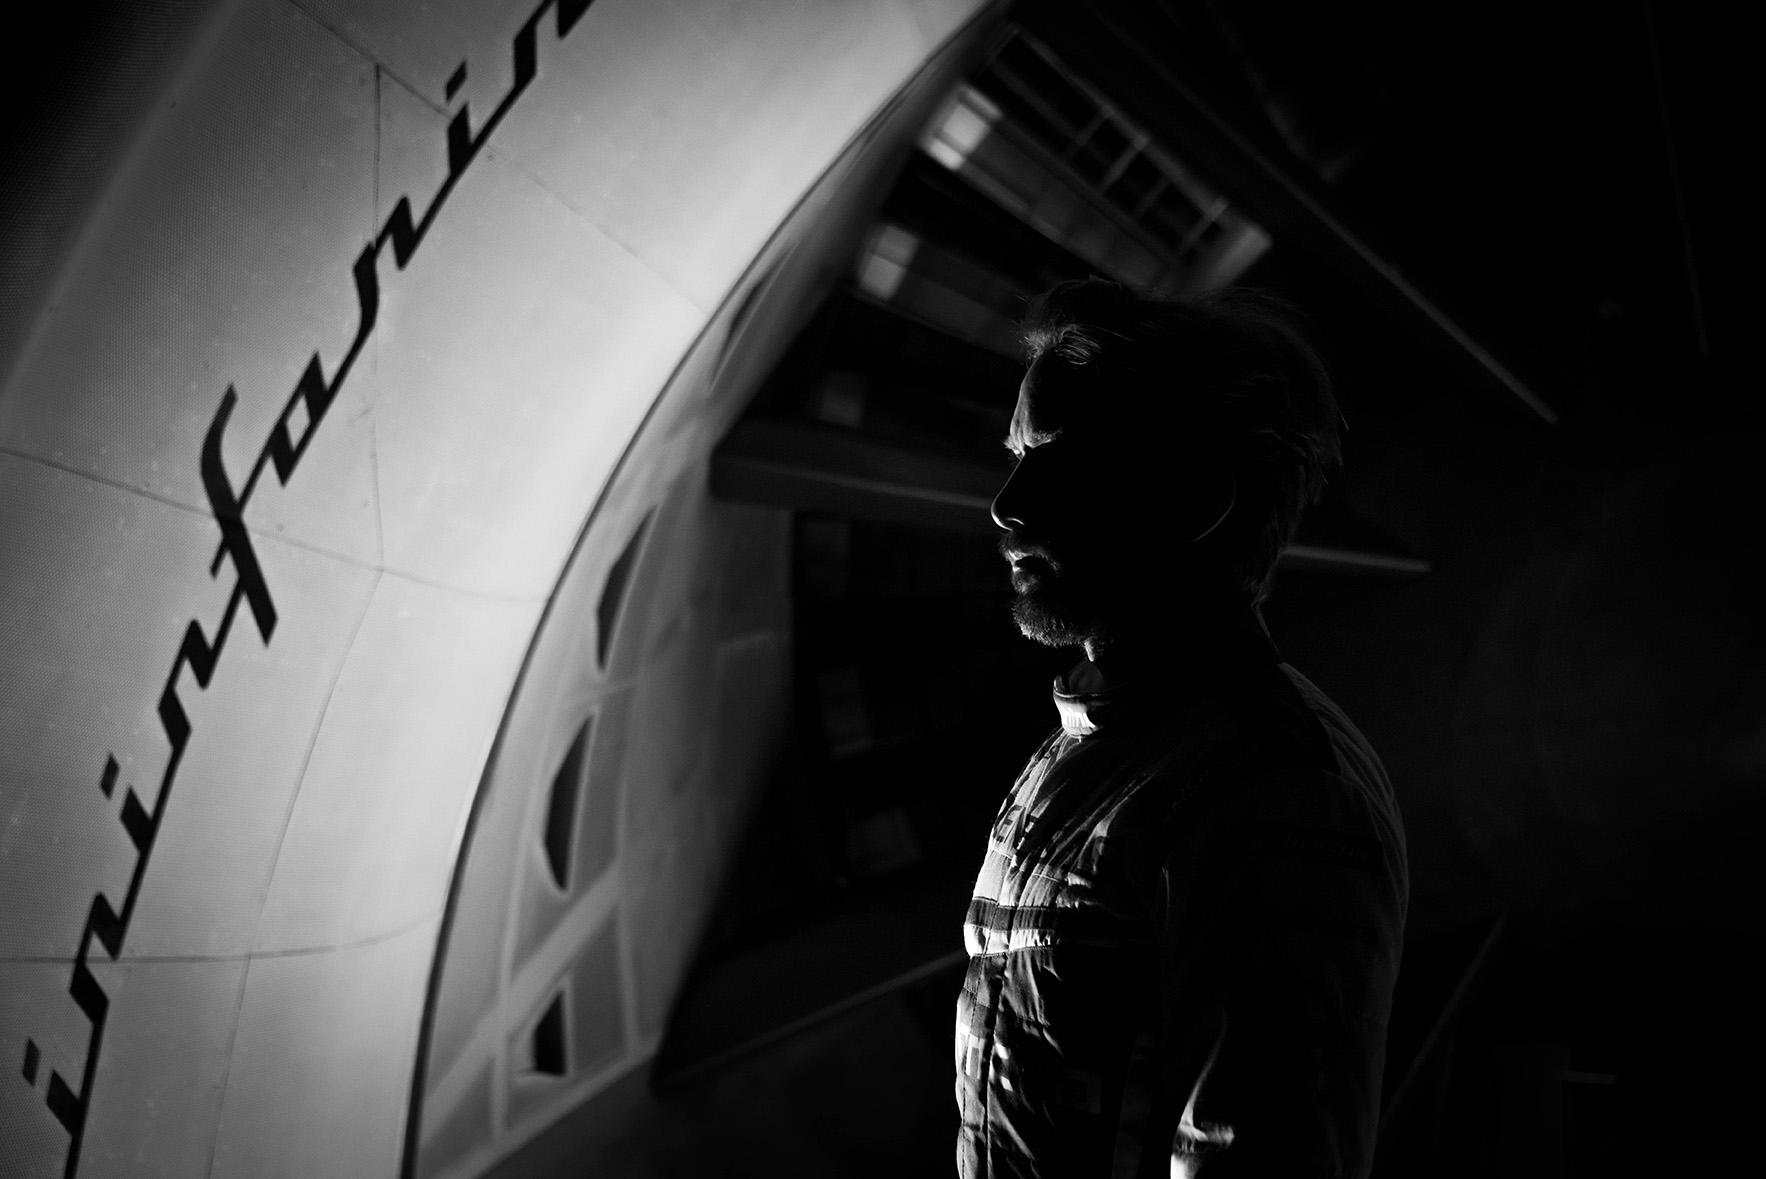 Spacesuit-Media-Marta-Rovatti-Studihrad-FIA-Formula-E-Mahindra-2018MGR_4787